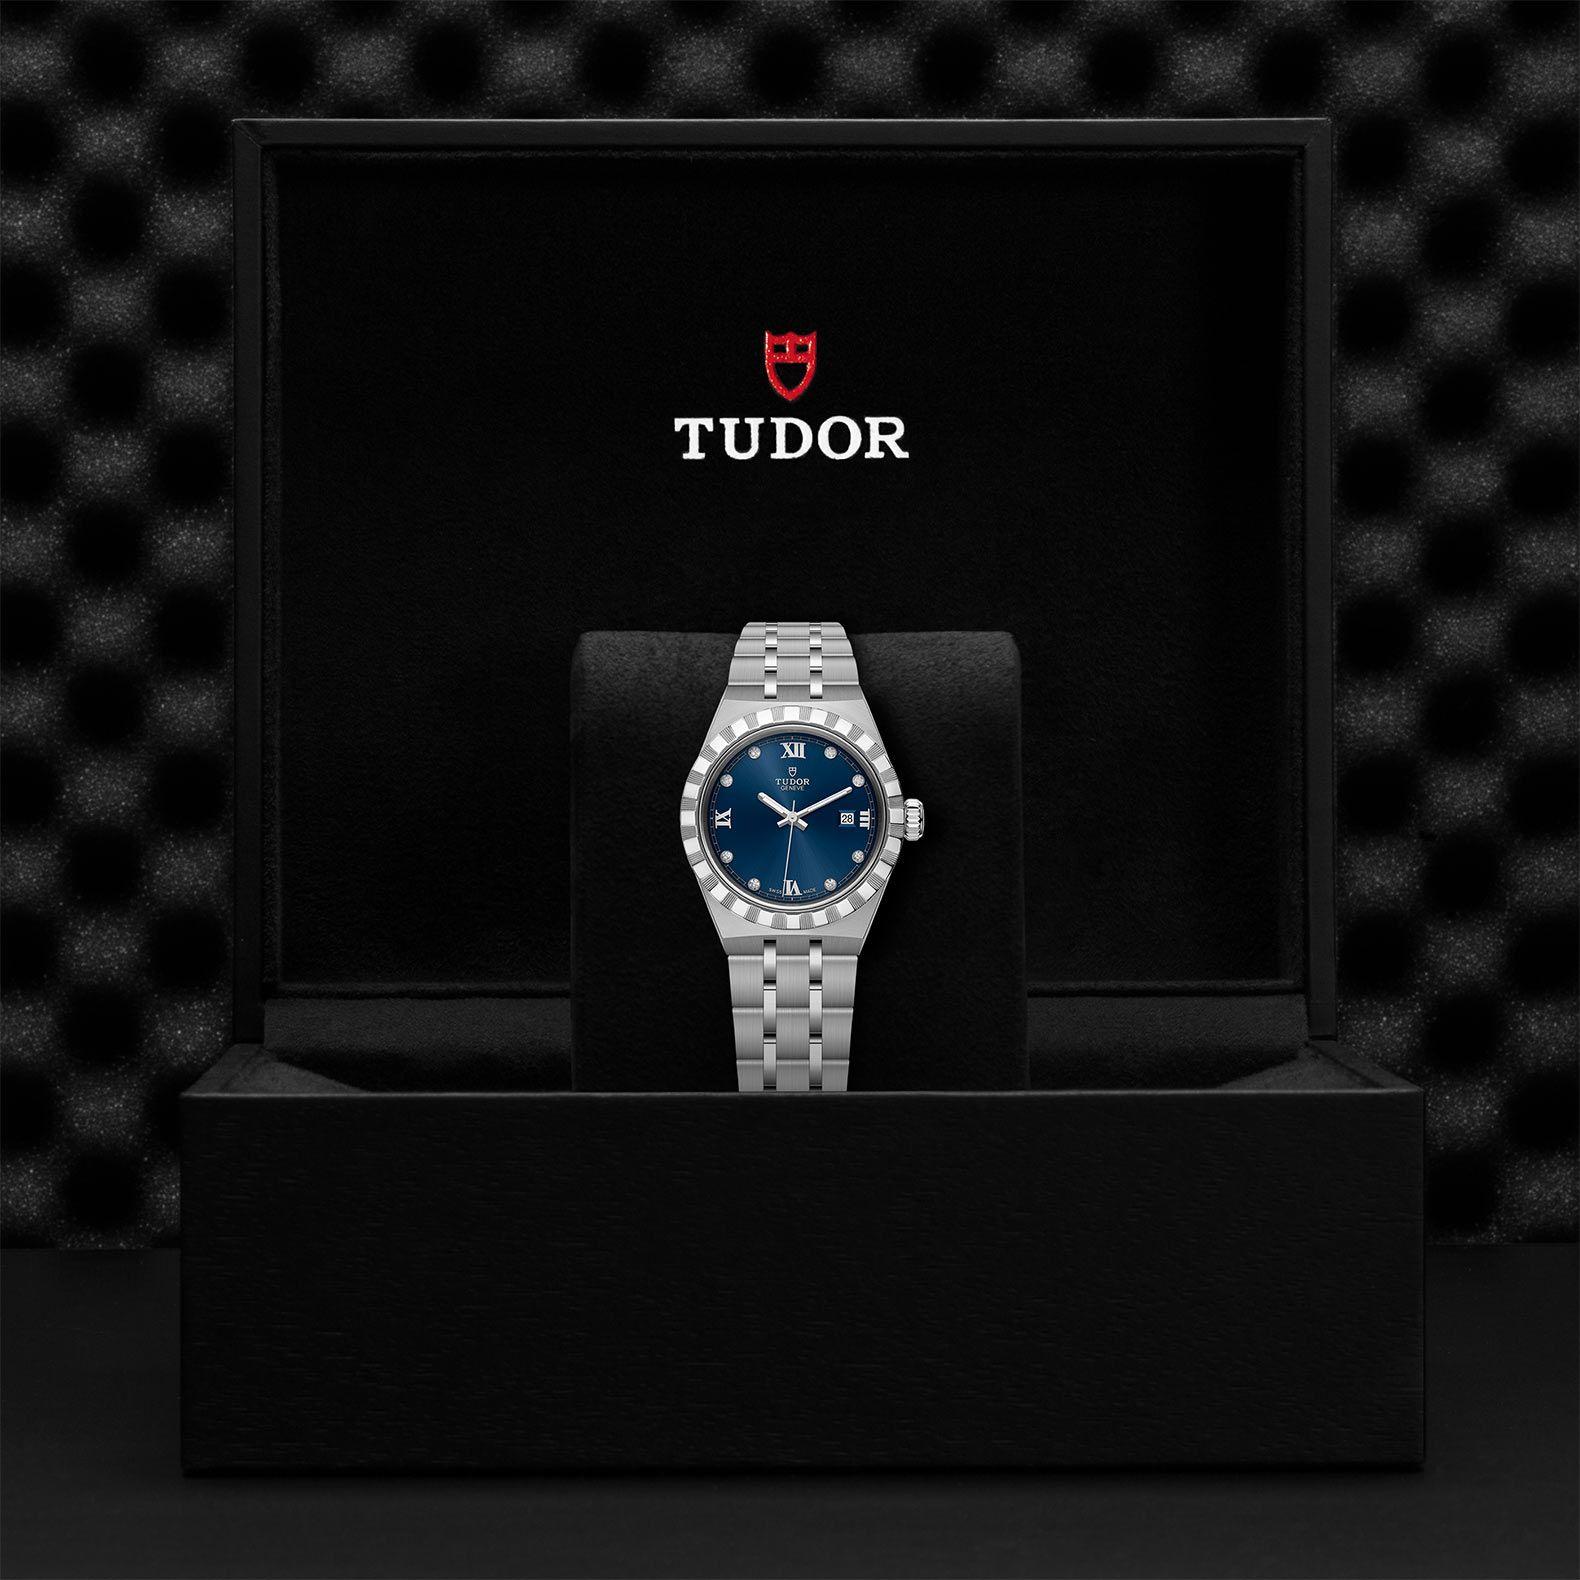 TUDOR ROYAL 28300 - 0007